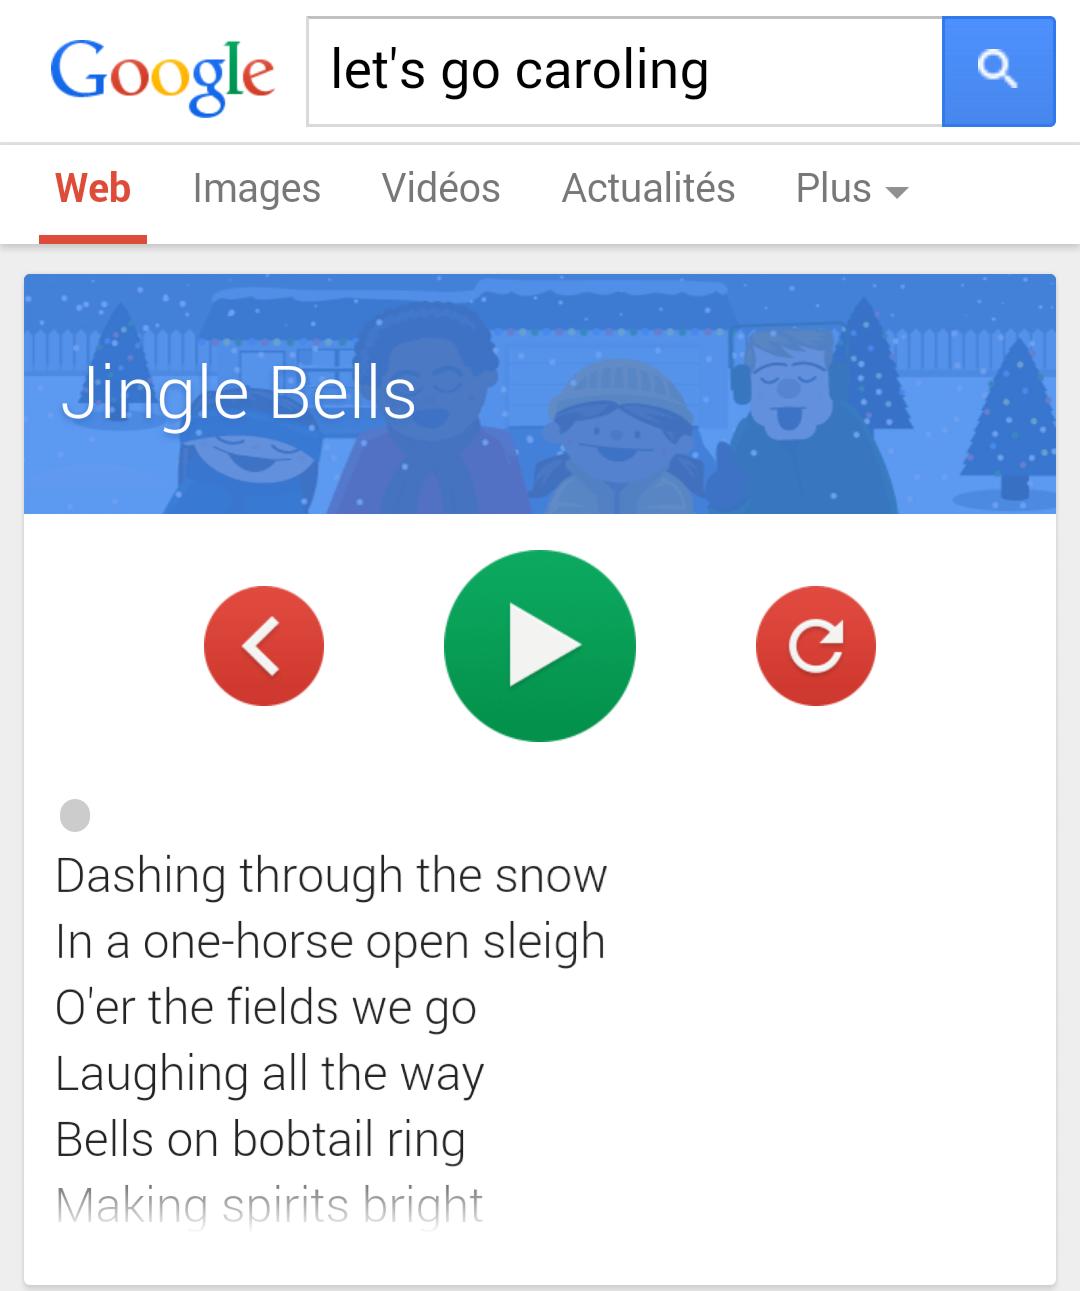 """Easter Egg Google : tapez """"let's go caroling"""" sur votre mobile et préparez-vous à chanter!"""